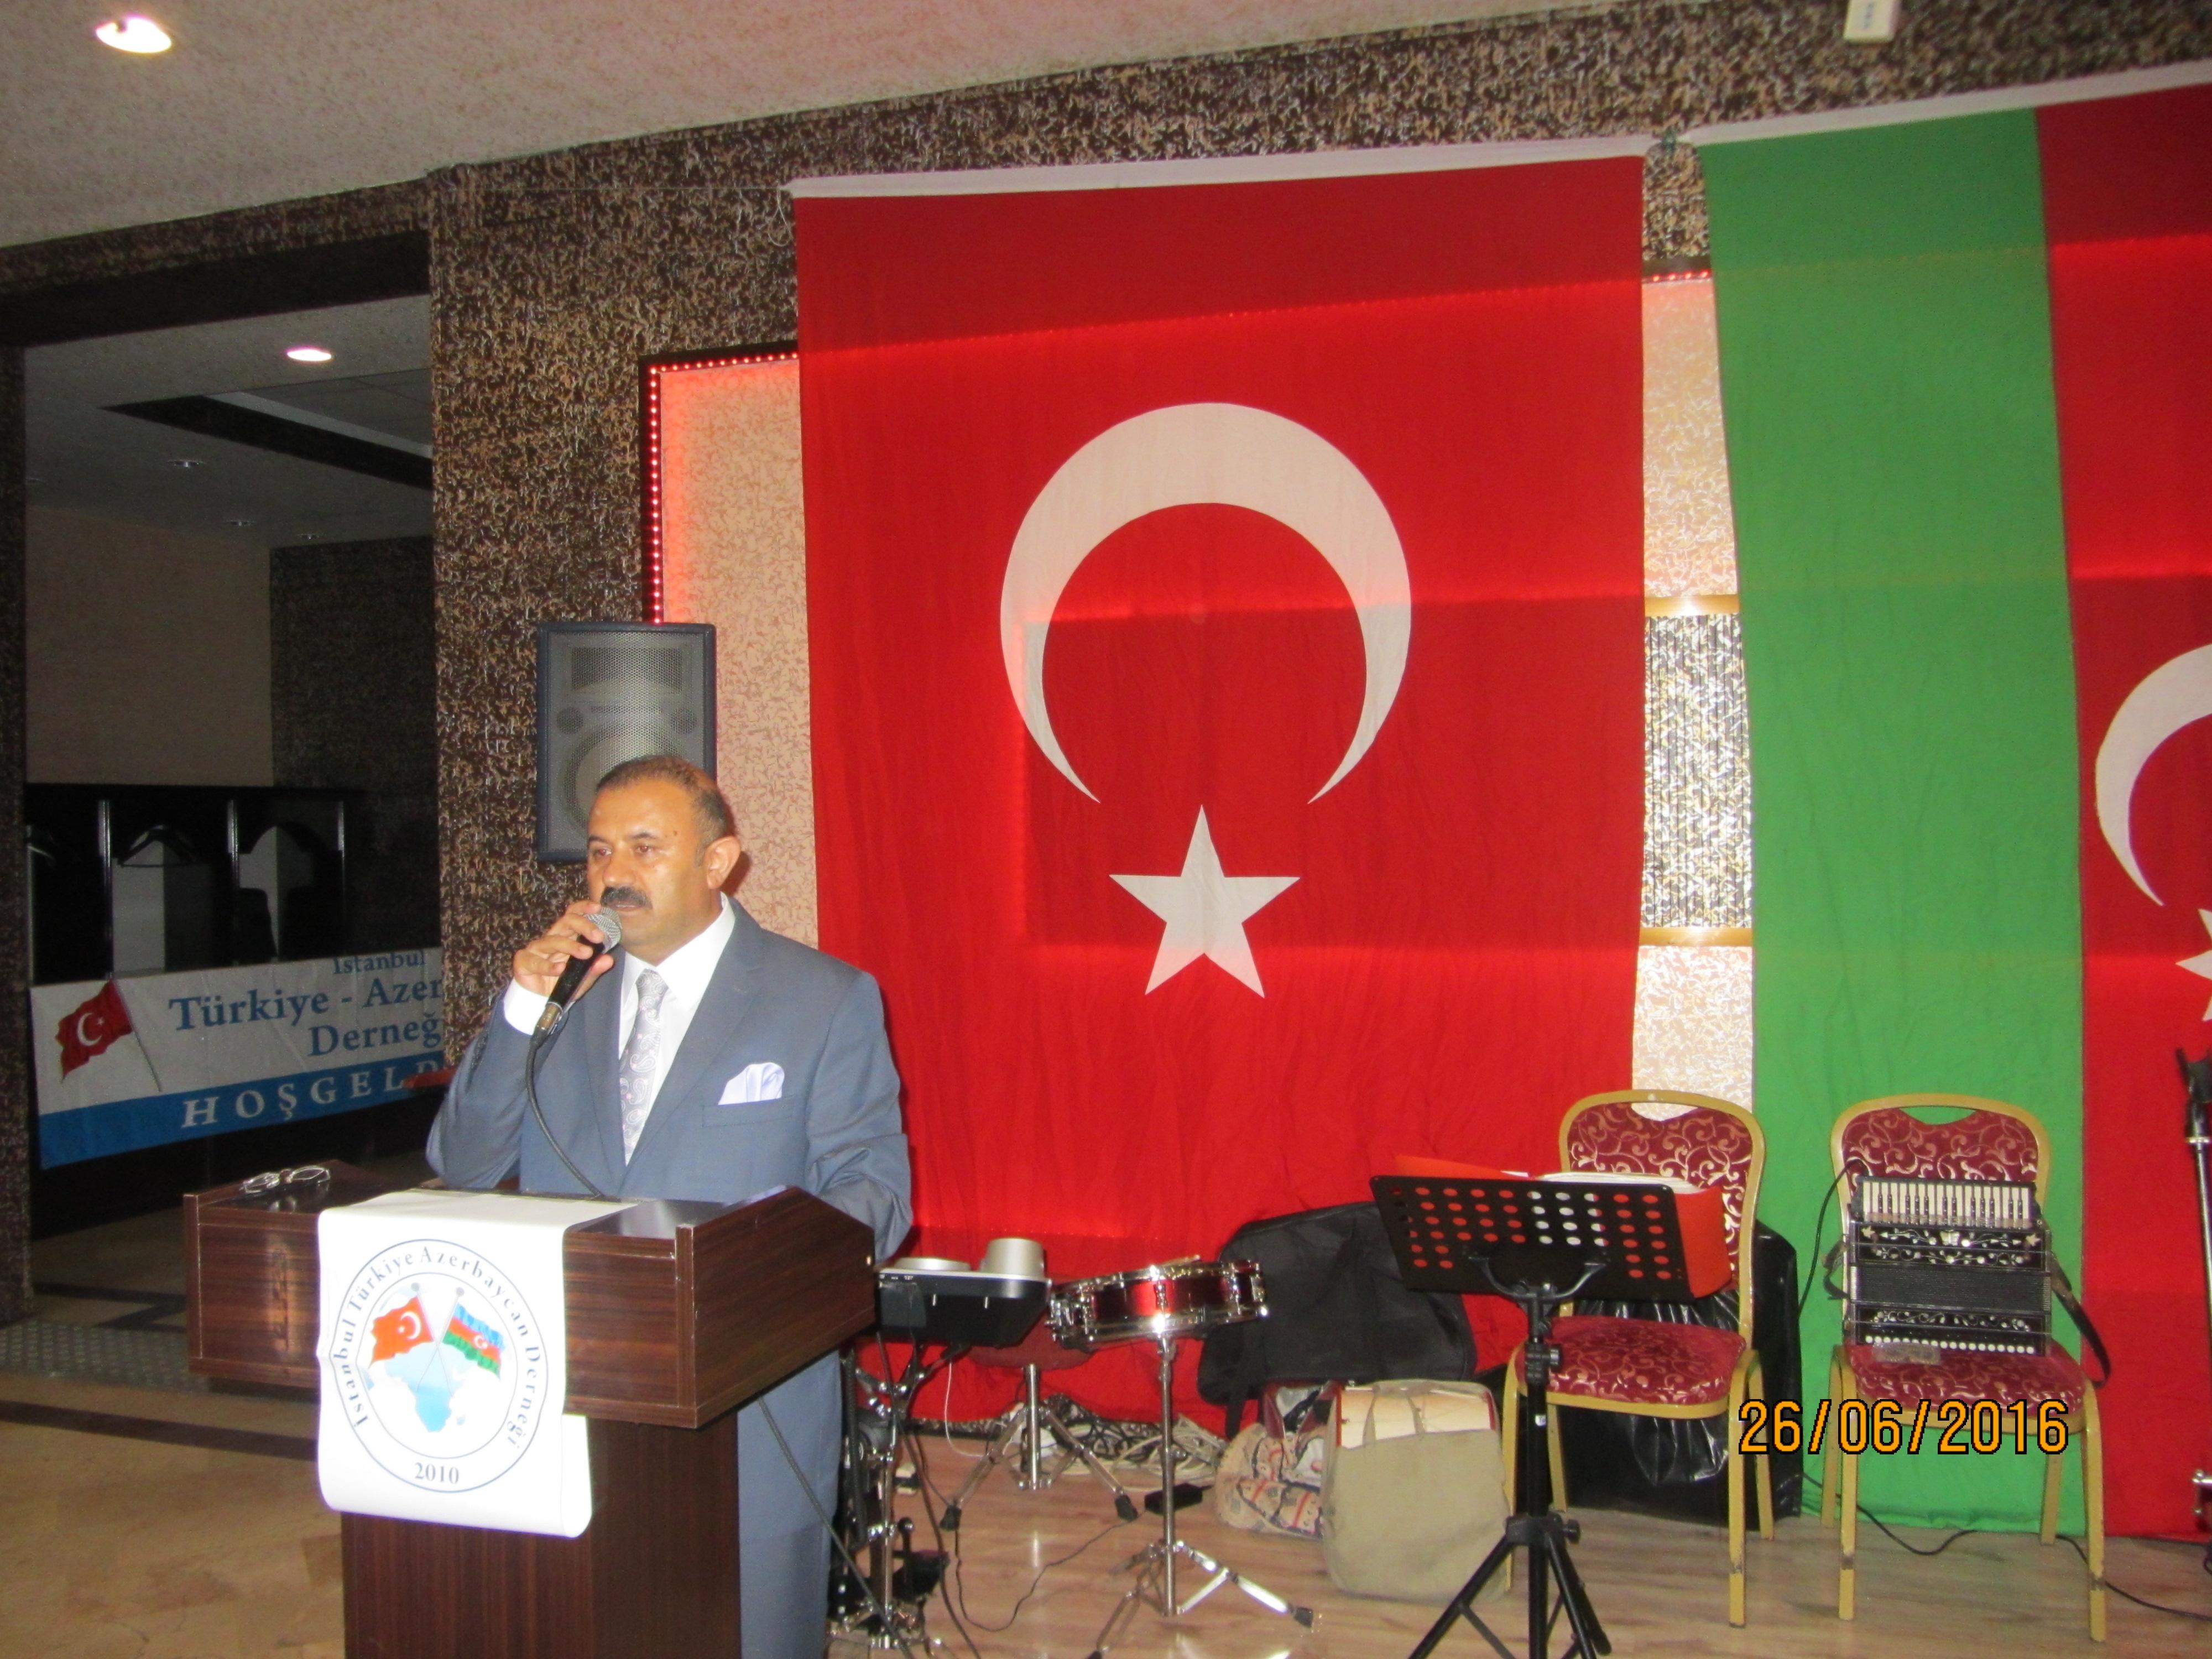 TÜRKİYE AZERBAYCAN SEVDALILARI İFTARDA BULUŞTU